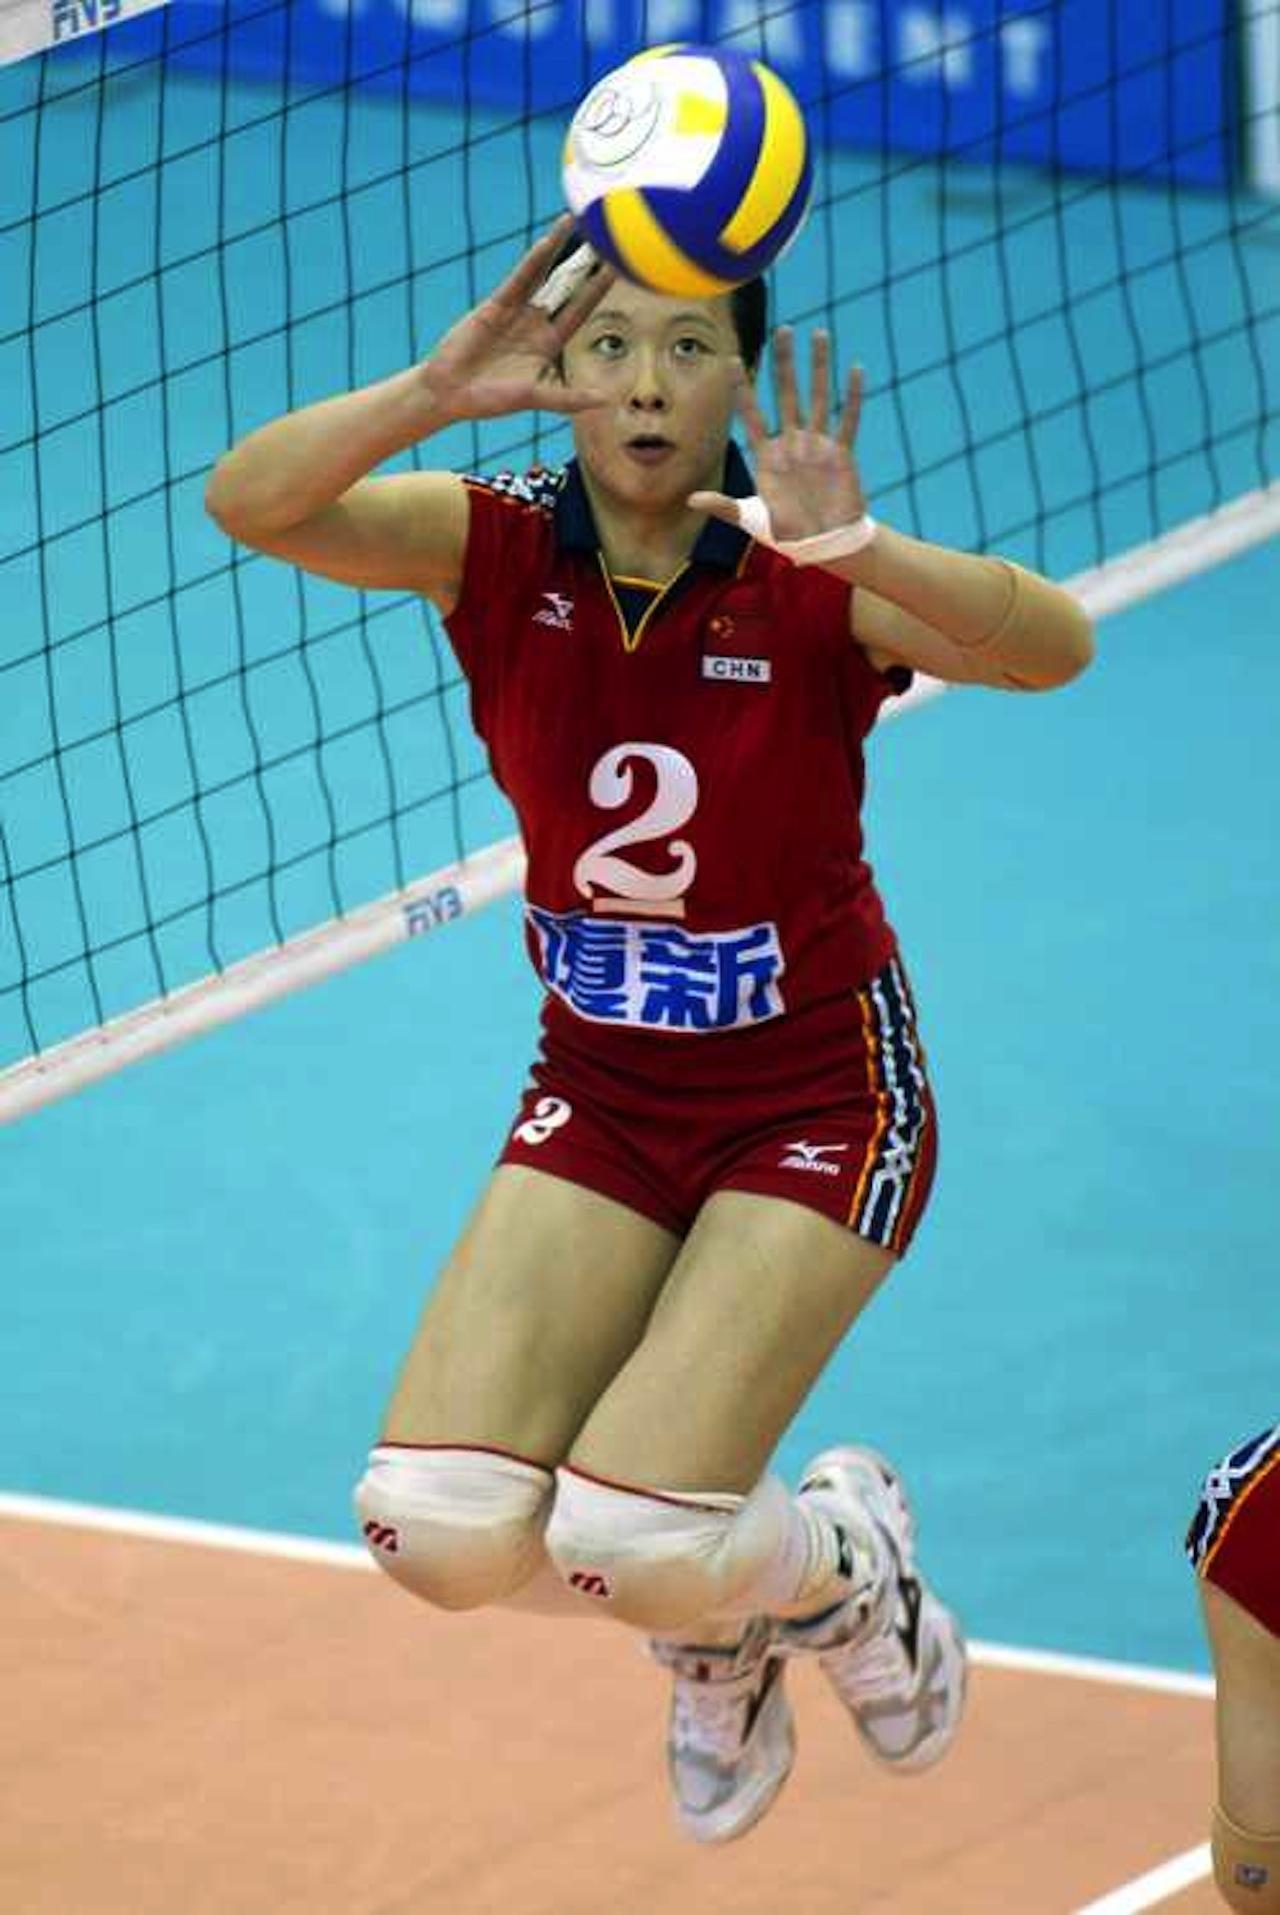 เฟง คุน สมัยยังเป็นมือเซตให้กับทีมชาติจีน